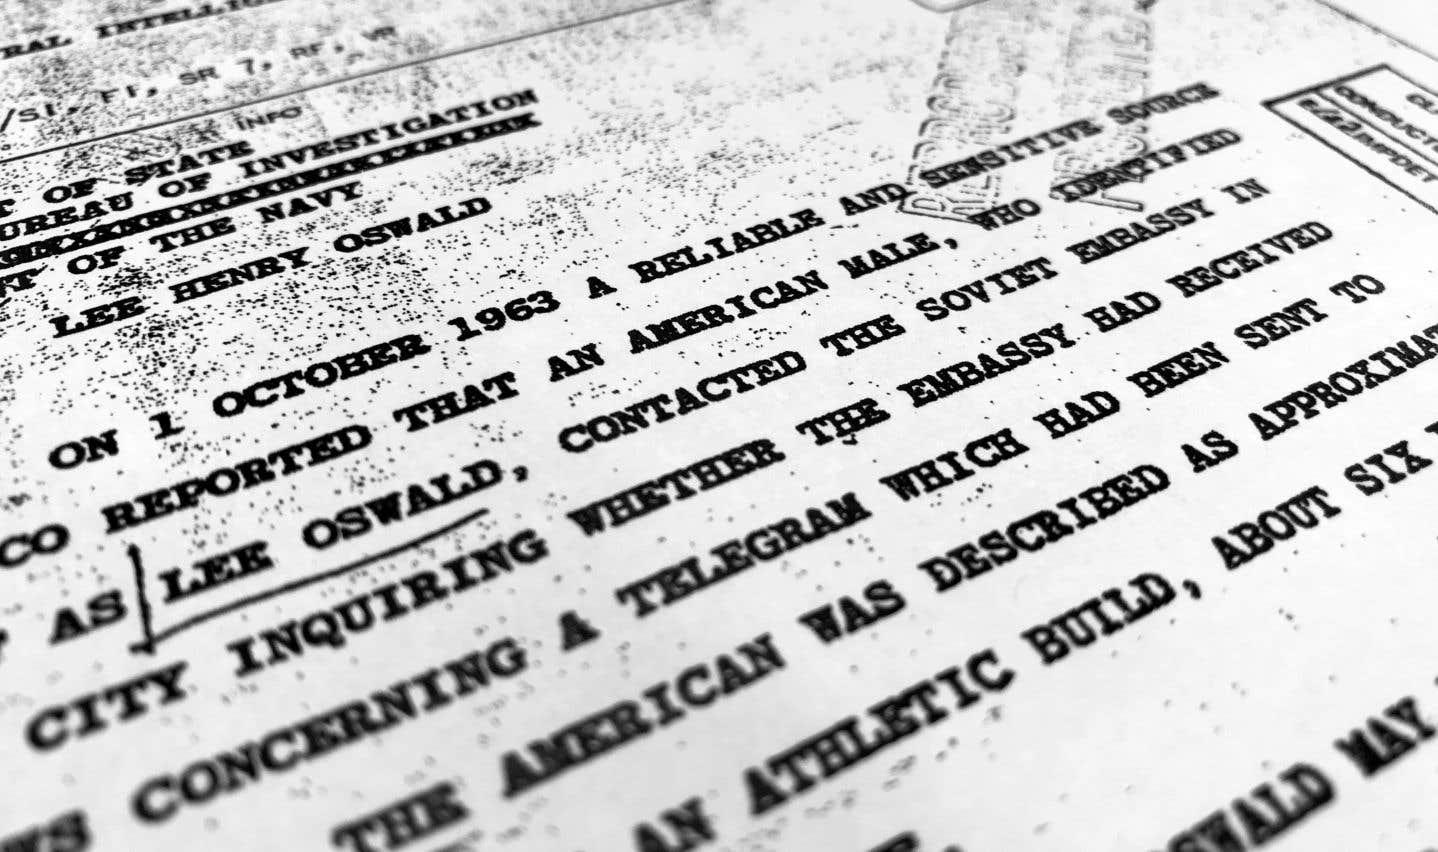 Nouveau dévoilement d'archives concernant l'assassinat de JFK